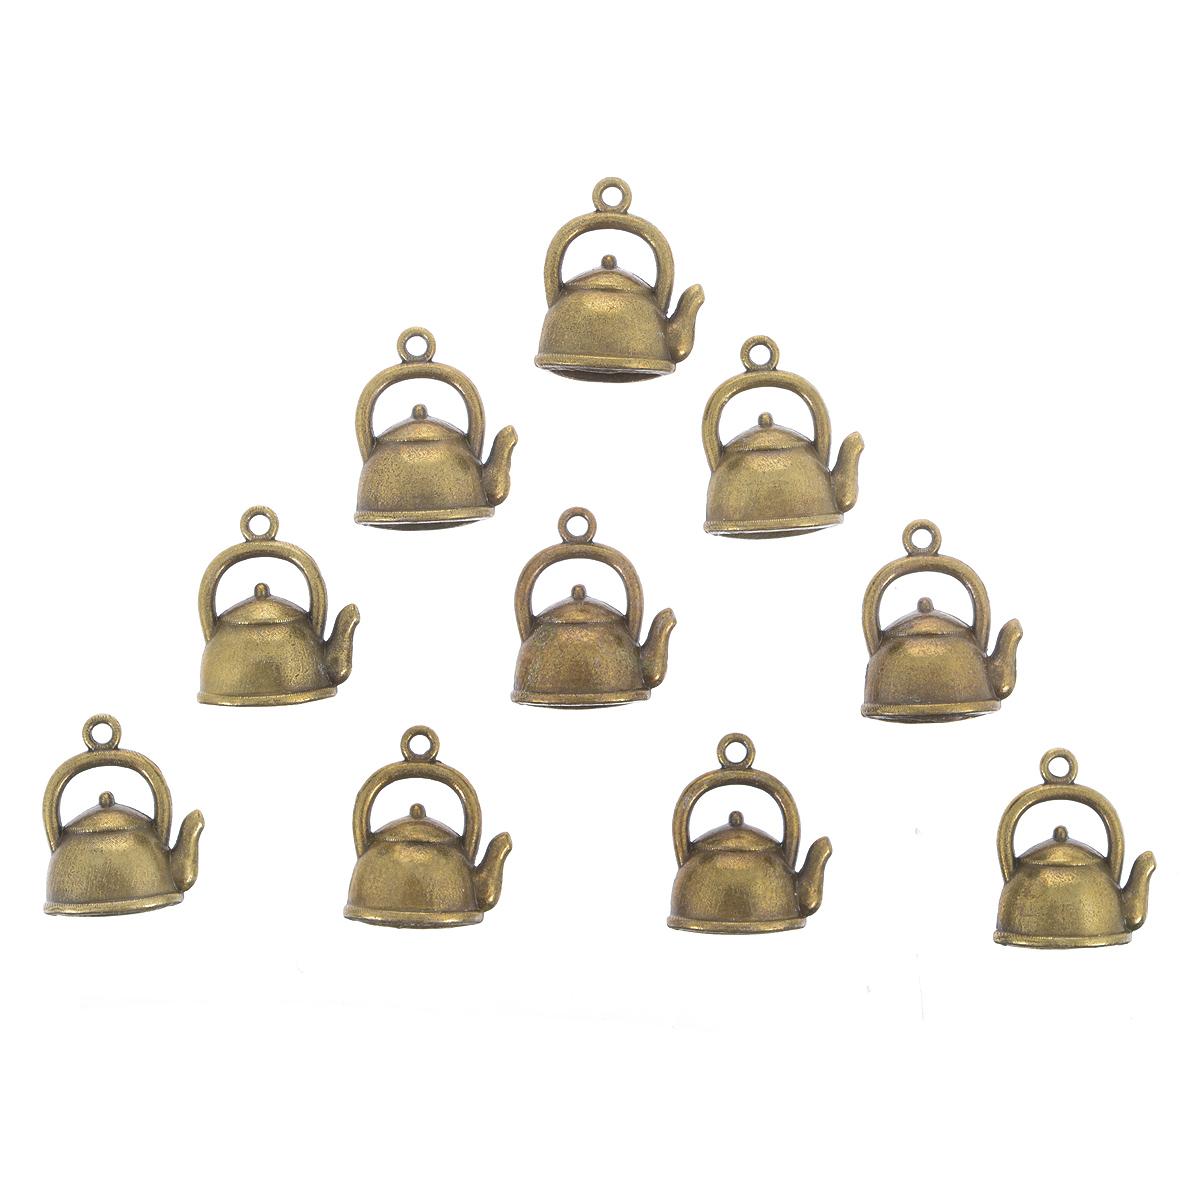 Набор подвесок ScrapBerrys Чайничек, цвет: бронзовый, 20 мм х 16,5 мм, 10 штSCB25013621Набор ScrapBerrys Чайничек состоит из 10 декоративных подвесок, выполненных из металла. Изделия предназначены для создания бижутерии, их также можно использовать для украшения альбомов, рамок, декоративных коробок. Подвески ScrapBerrys помогут воплотить вашу творческую задумку и создать оригинальную неповторимую бижутерию. Изготовление украшений - занимательное хобби и реализация творческих способностей рукодельницы. Радуйте себя и своих близких украшениями, сделанными своими руками!